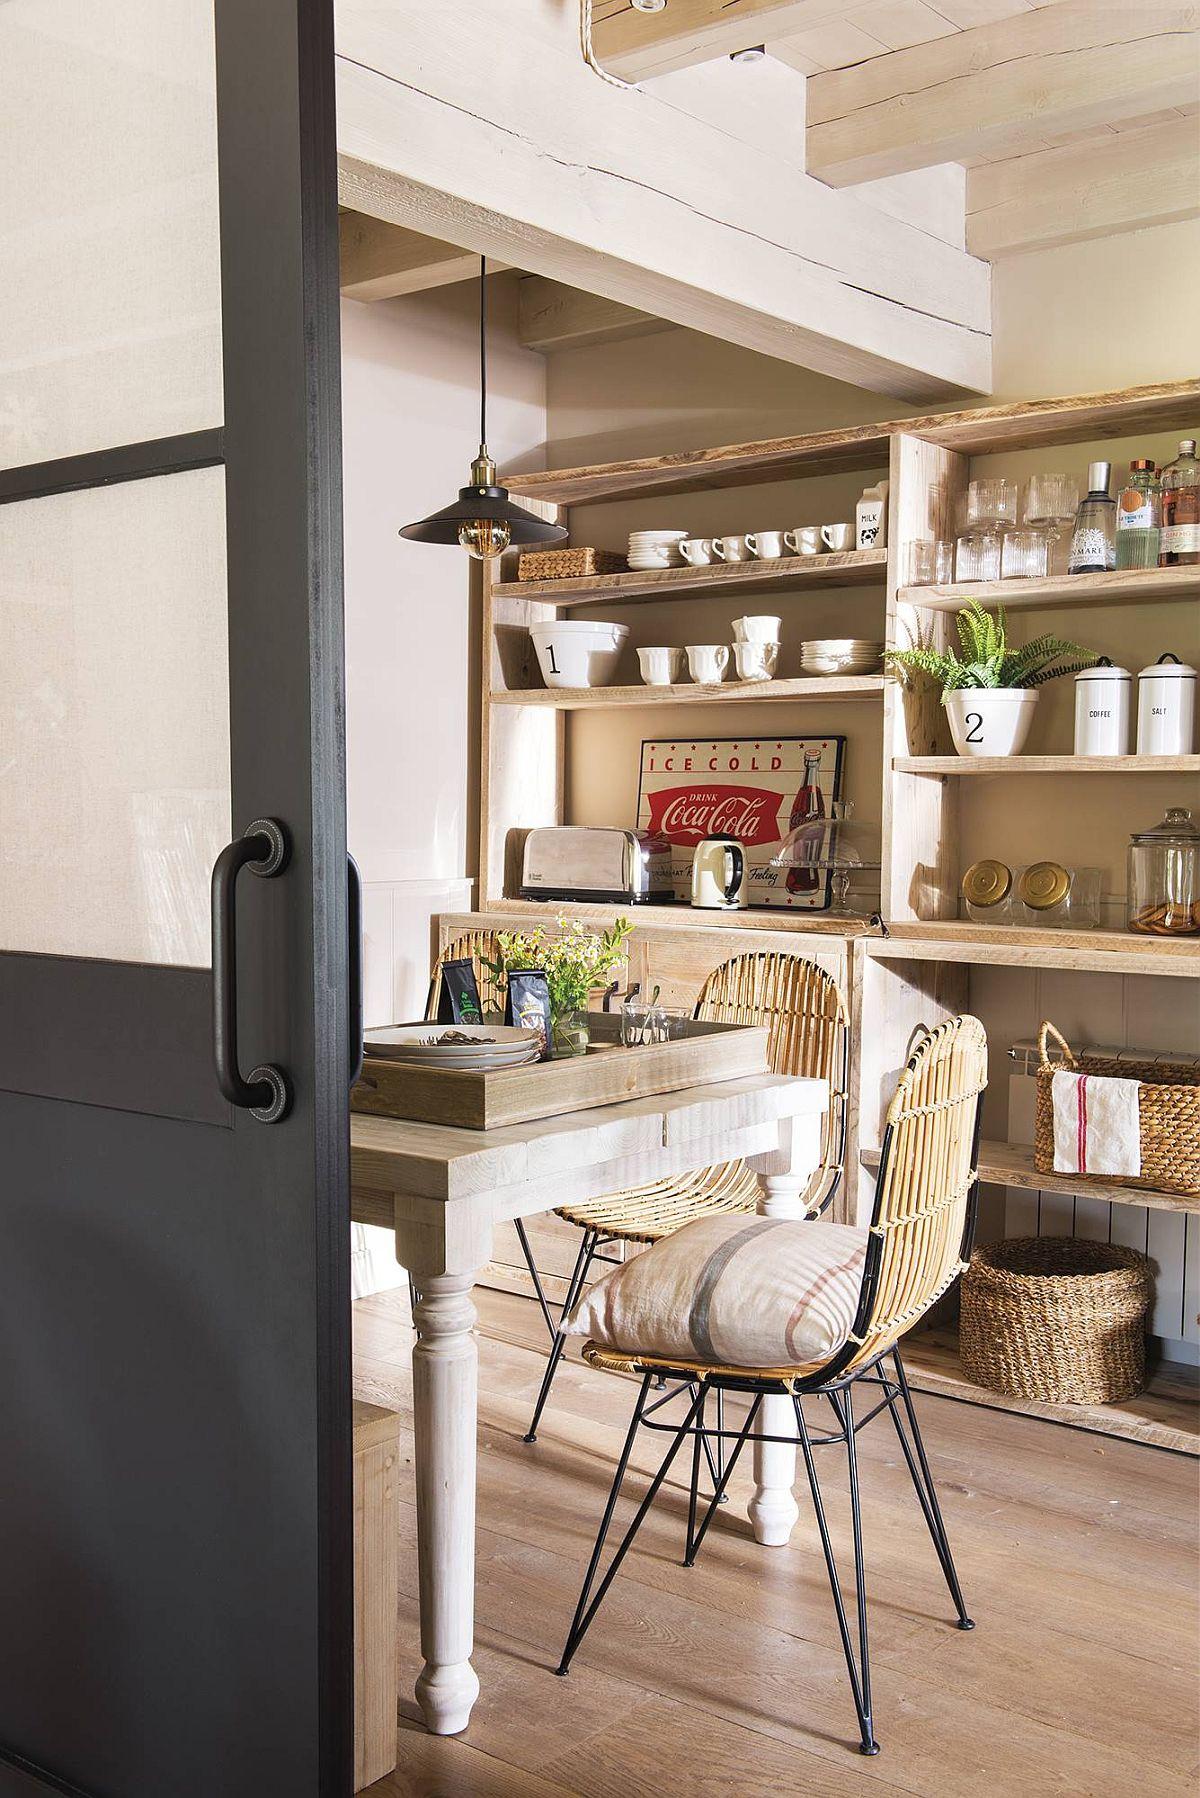 Pentru că bucătăria are ferestre în latura opusă, unde e locul de luat masa a fost prevăzută ușa culisantă cu geamuri, care lasă lumina naturală din living să pătrundă aici.